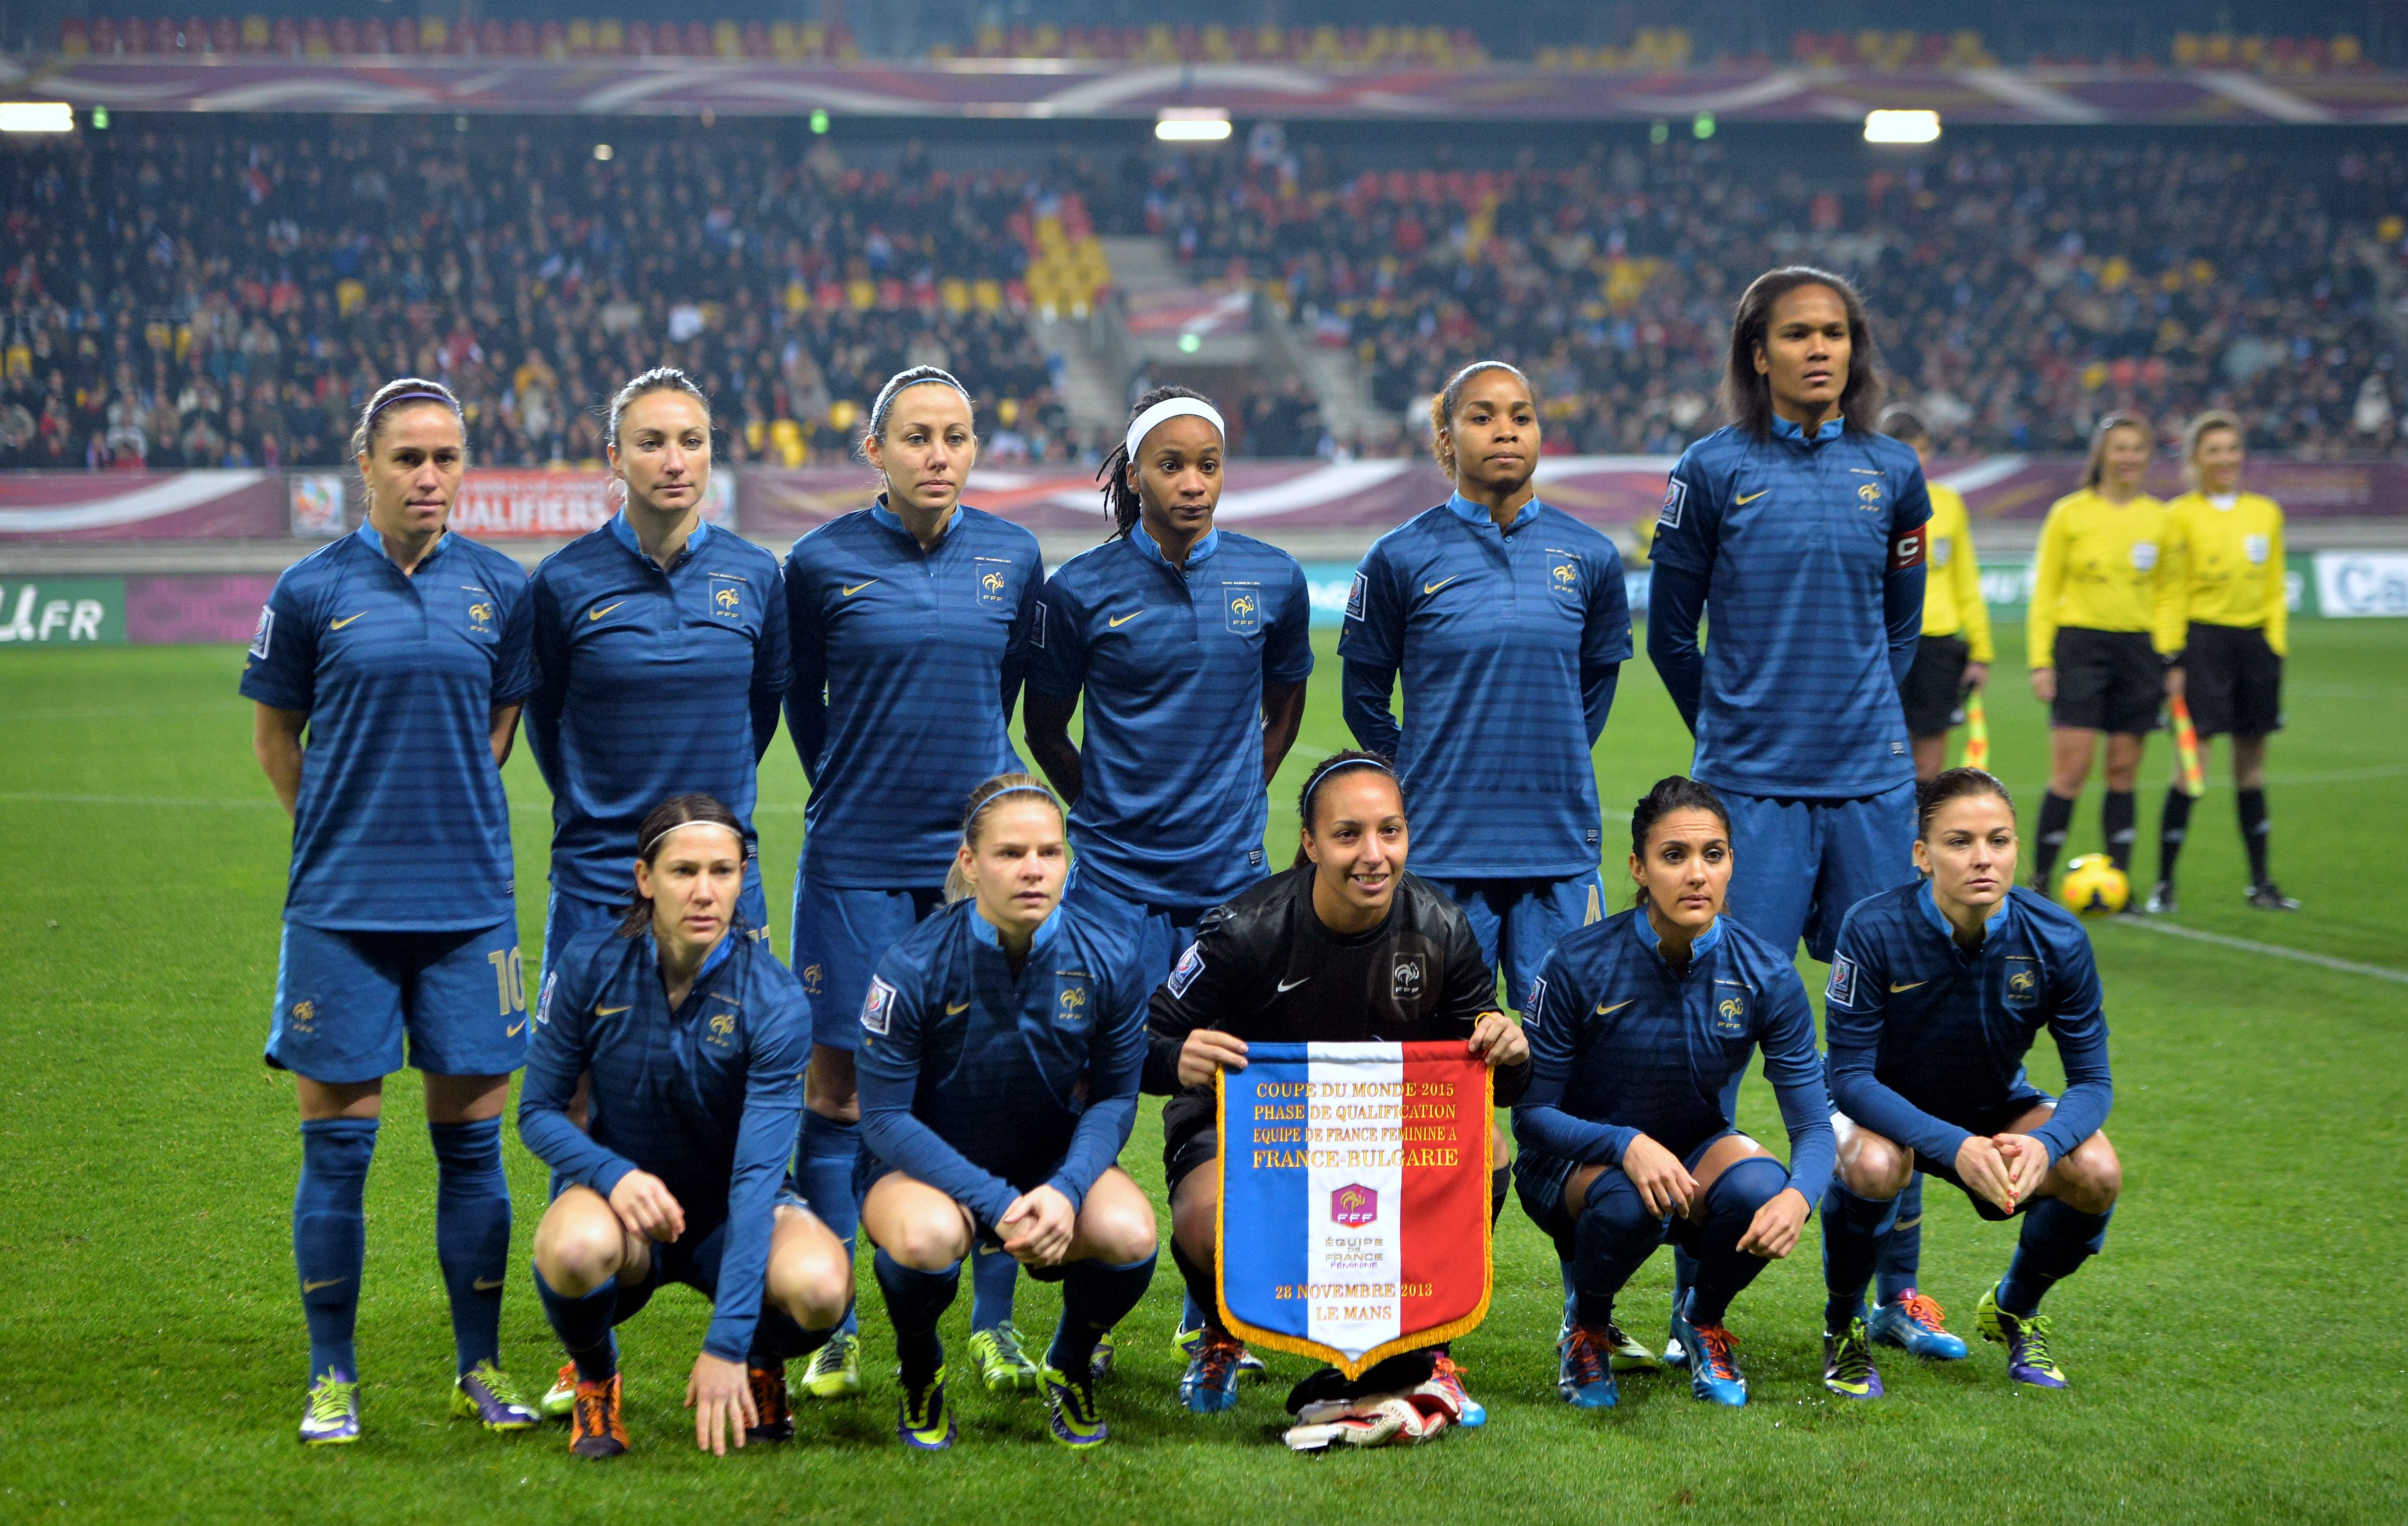 La france candidate au mondial f minin en 2019 equipe de france 2014 br sil coupe du monde - Coupe europe foot feminin ...